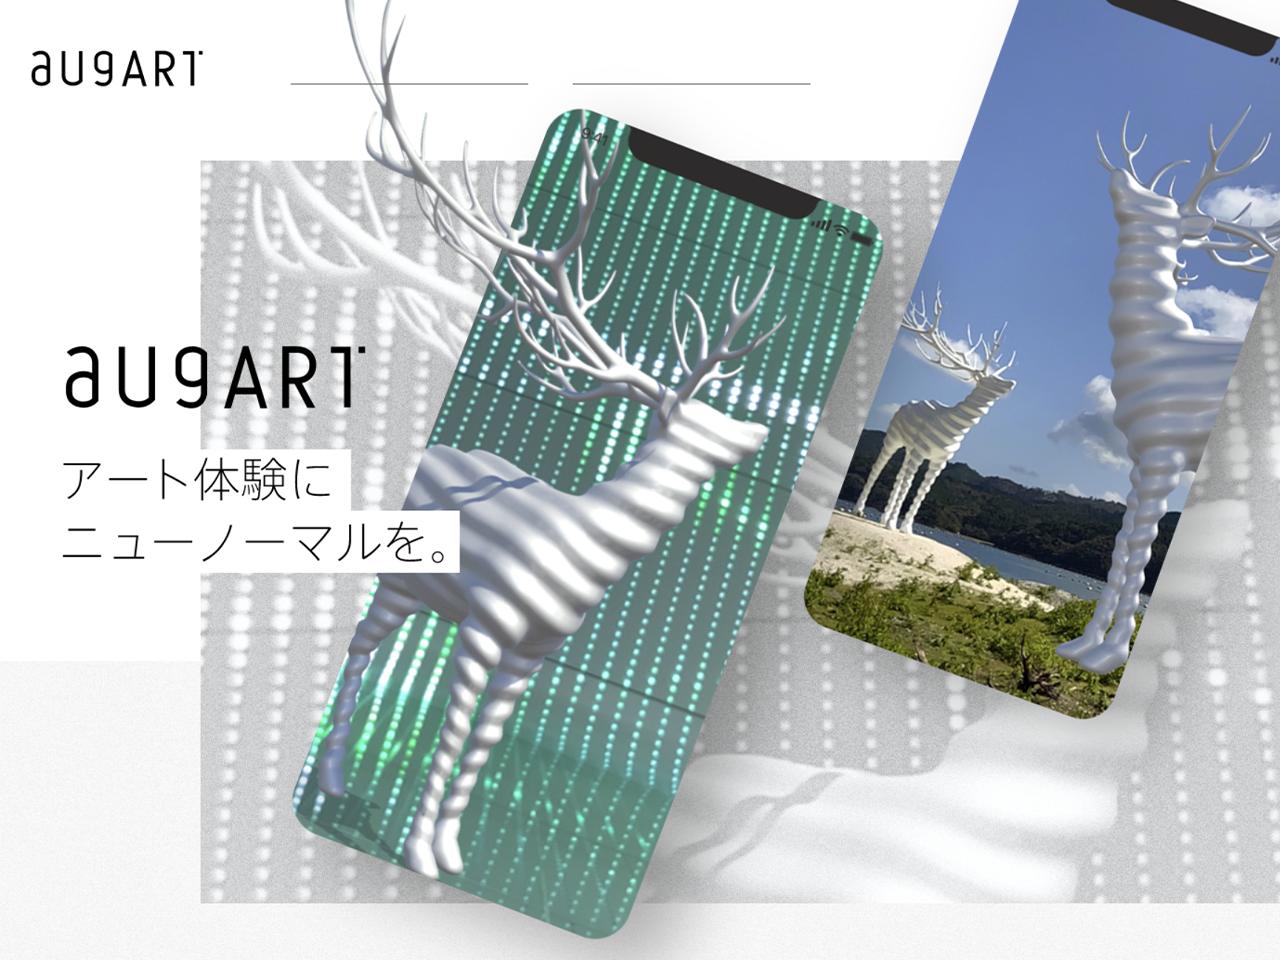 augART | 文化芸術体験をDXする